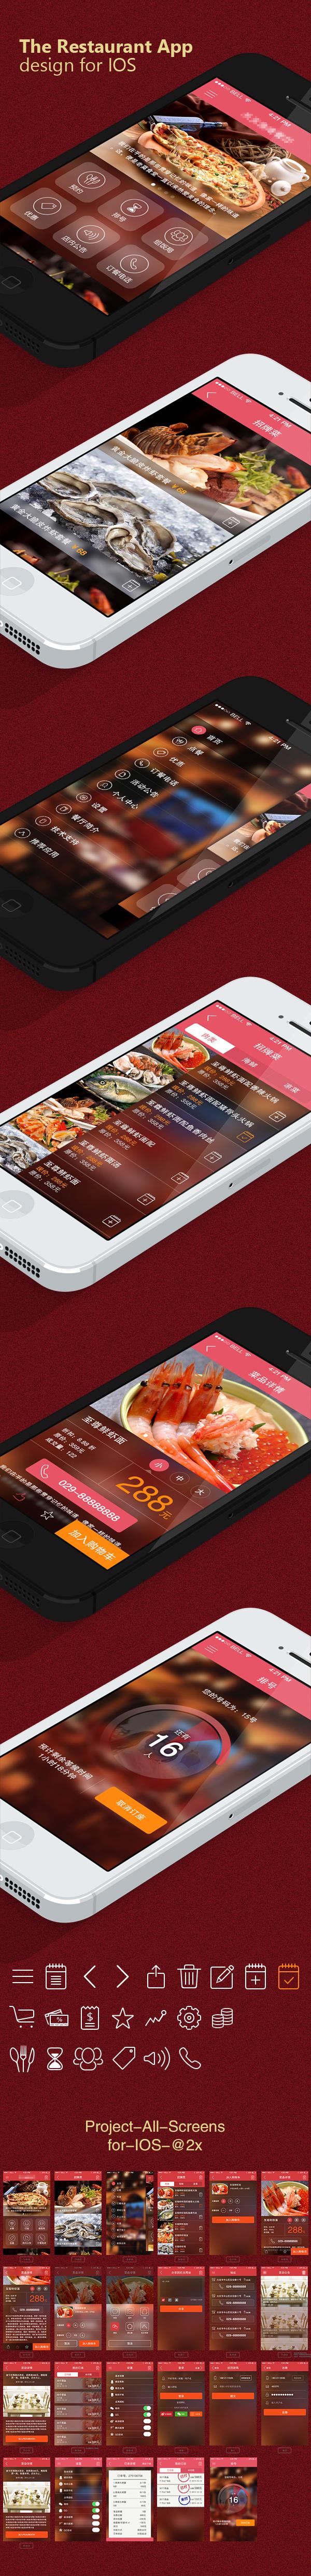 The restaurant app ui design on behance